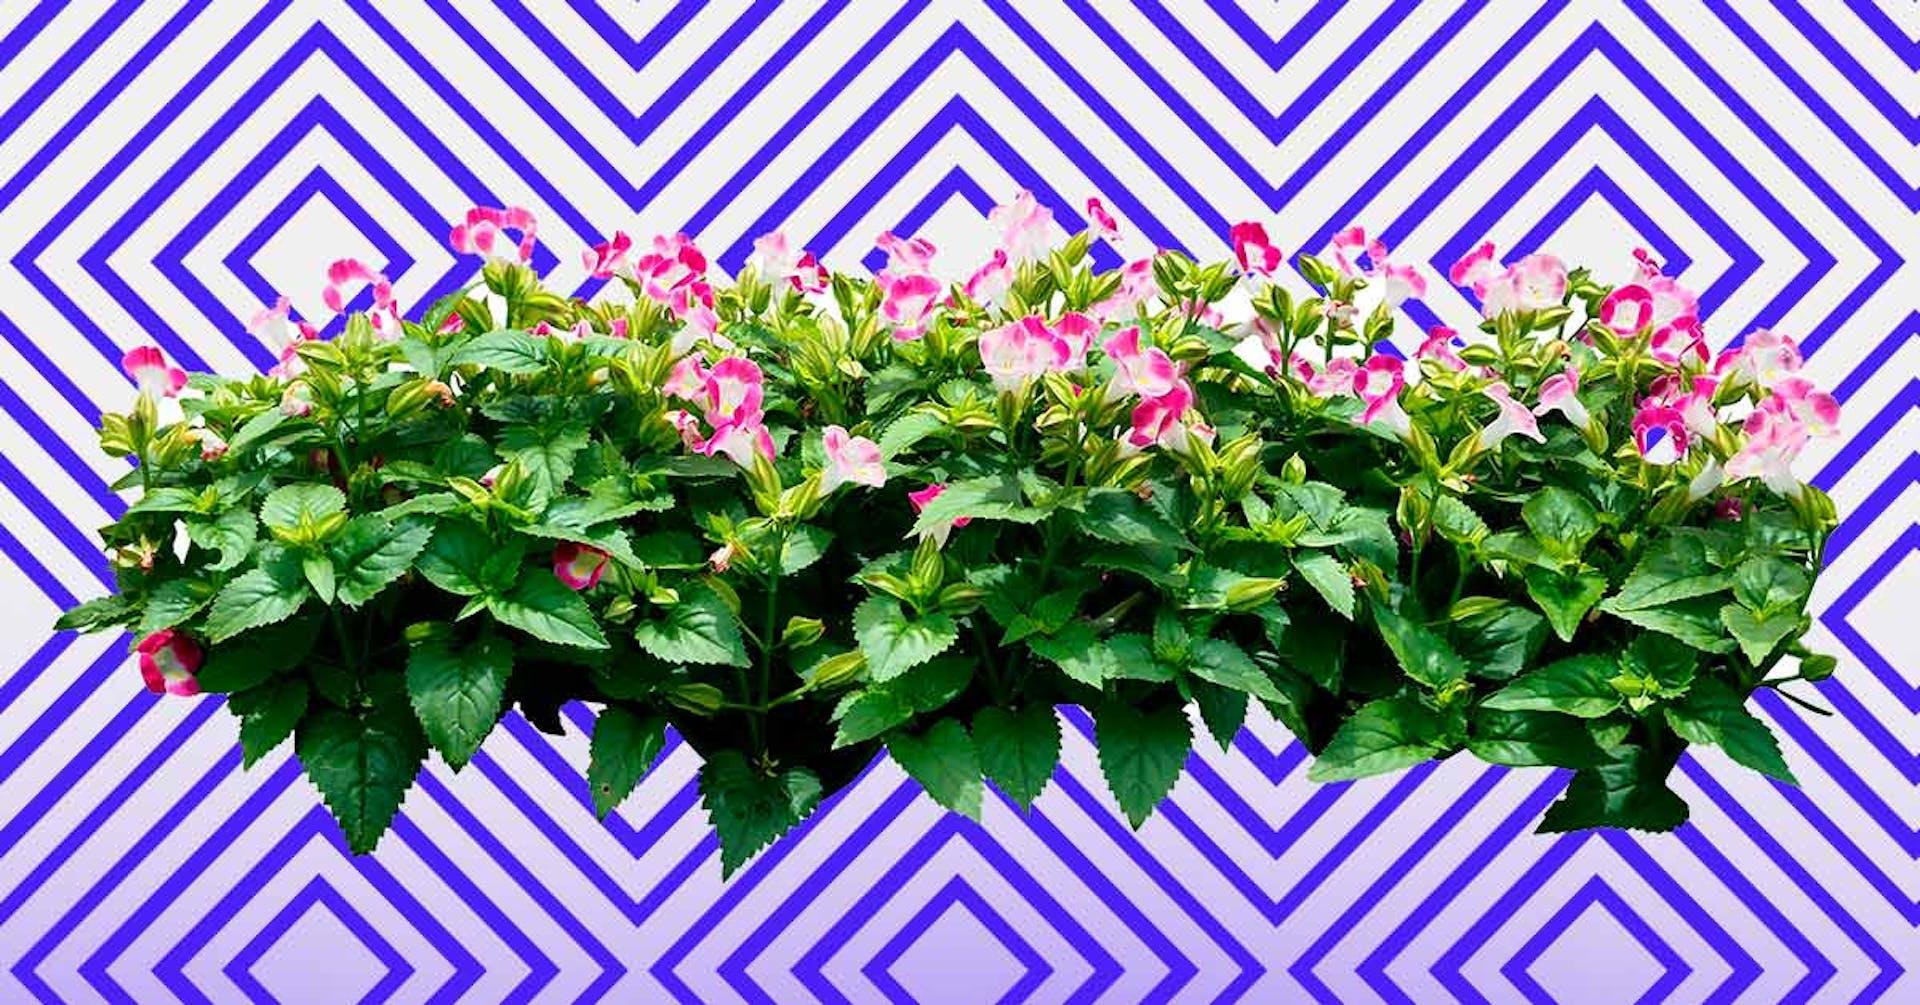 Plantas sin flores y plantas con flores: descubre cómo embellecer tu hogar